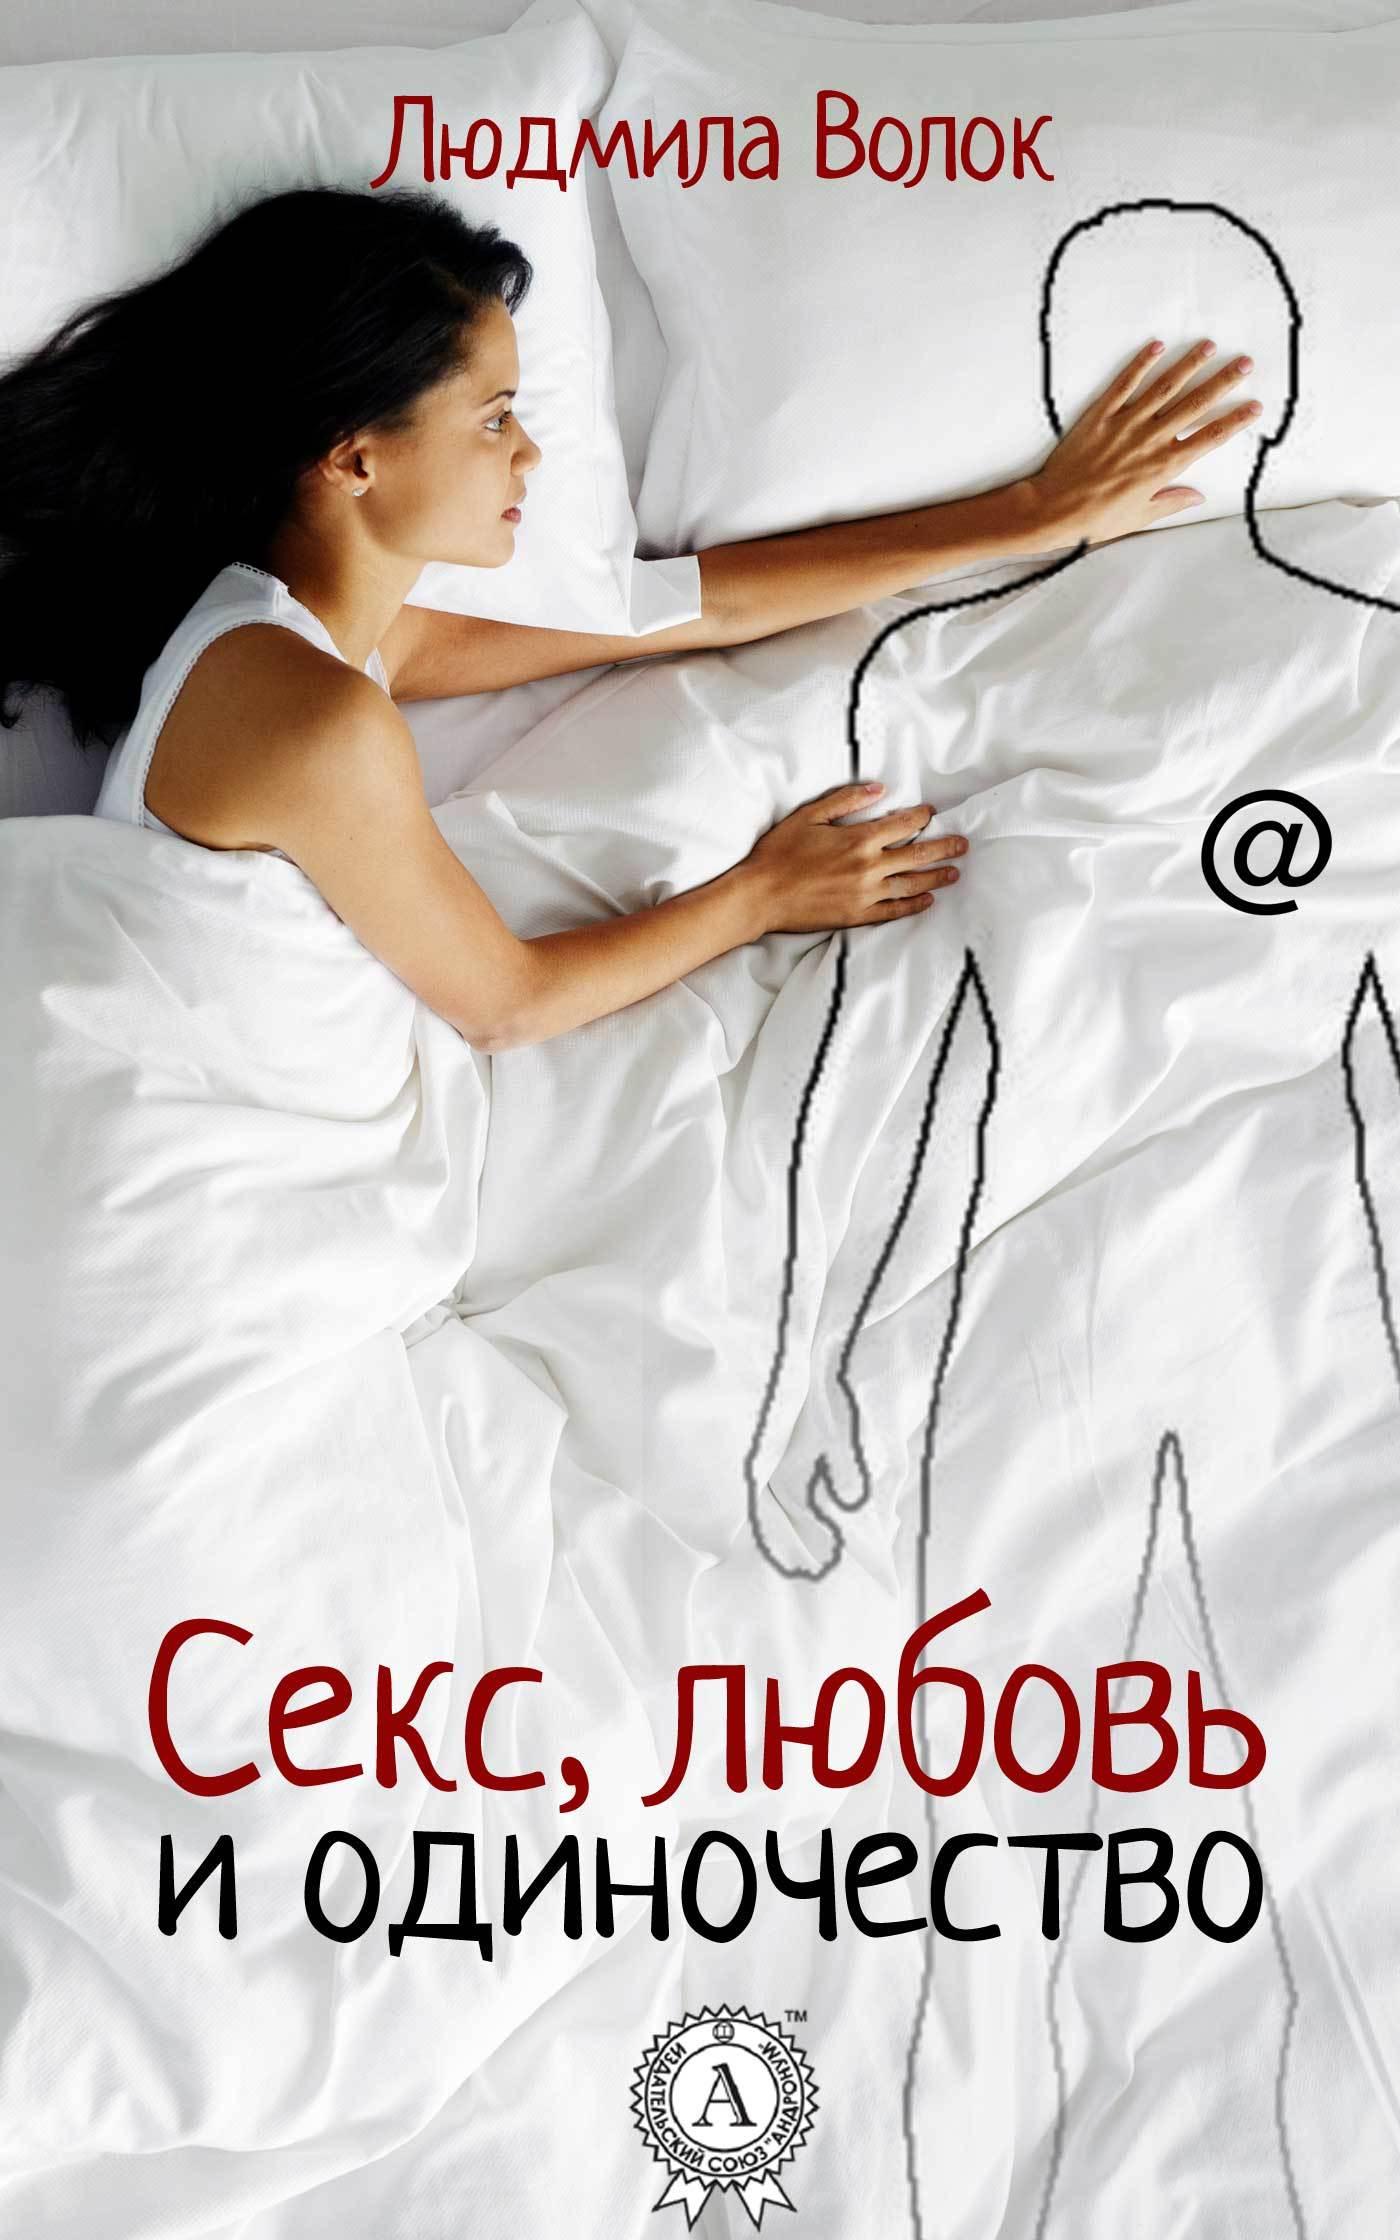 Людмила Волок бесплатно